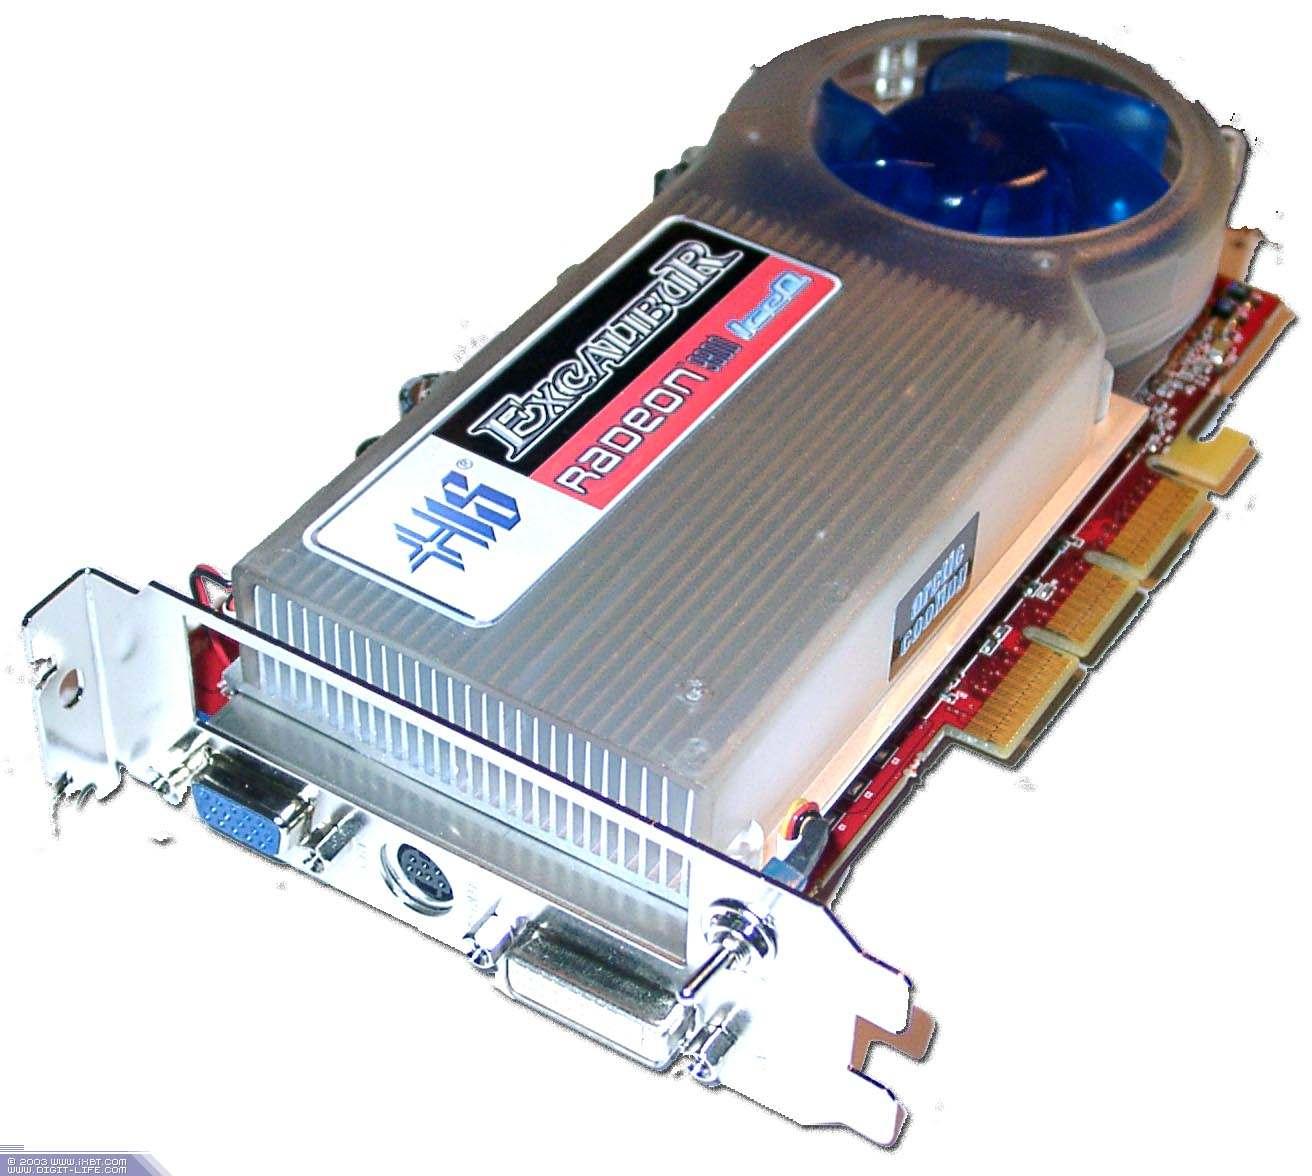 December 2004 3digest Ati Radeon 9800 Pro 128mb (380680 Mhz